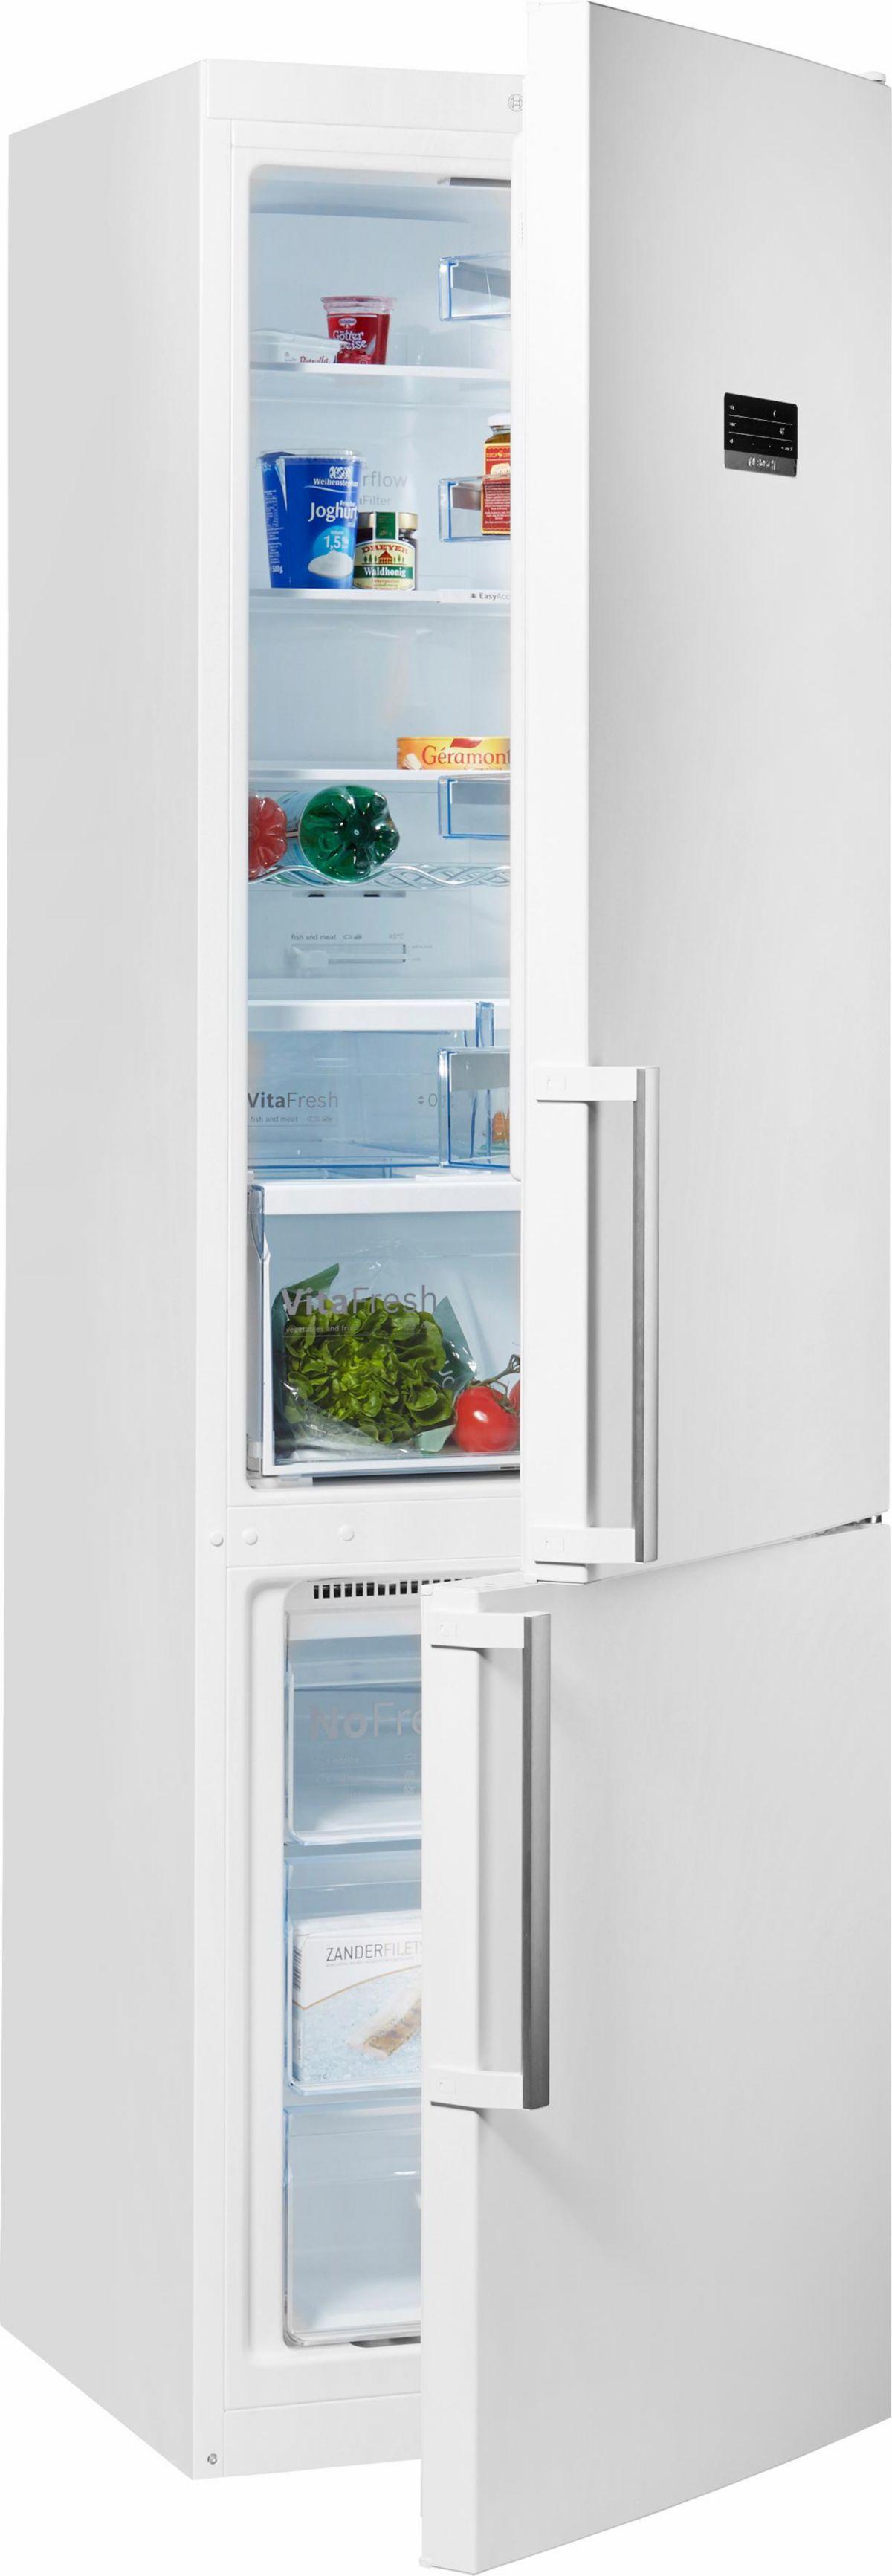 Bosch Stand-Kühl-Gefrierkombination KGN39XW37, Energieklasse A++, 203 cm hoch,  VitaFresh Preisvergleich